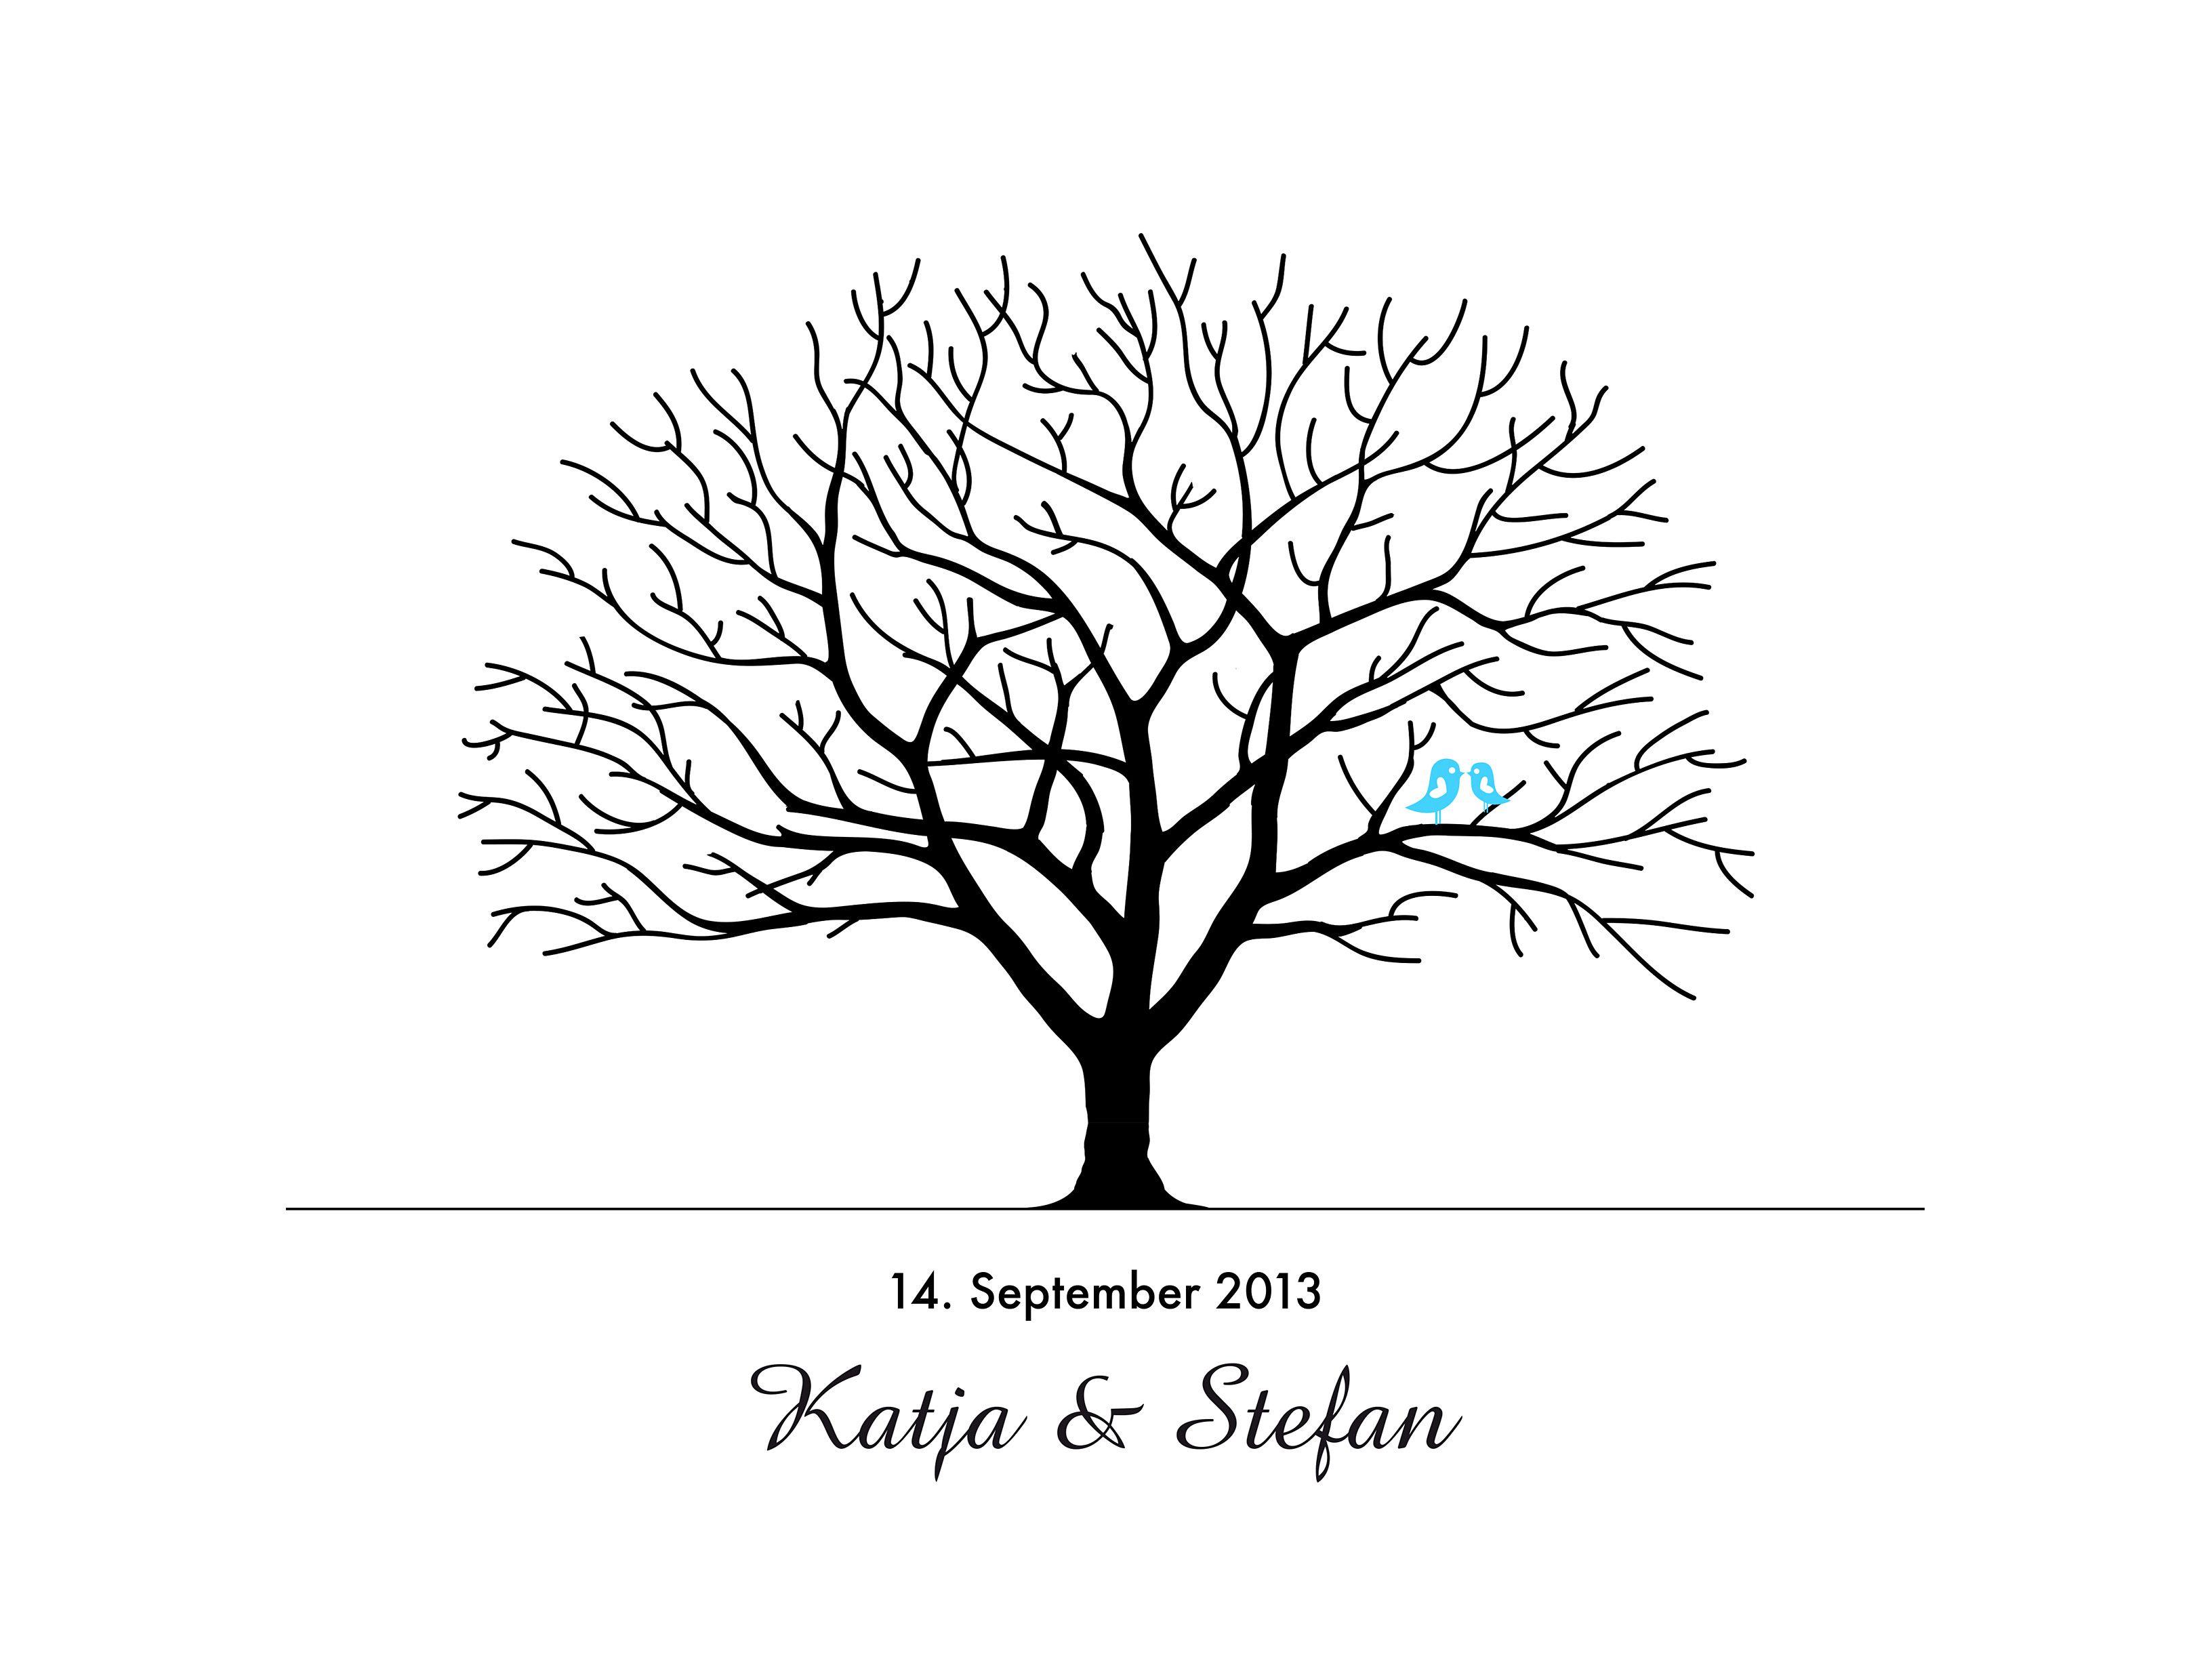 Hochzeitsbaum auf leinwand selbst gestalten hochzeitsbaum diy blog und selbst gestalten - Leinwand vorlagen ...